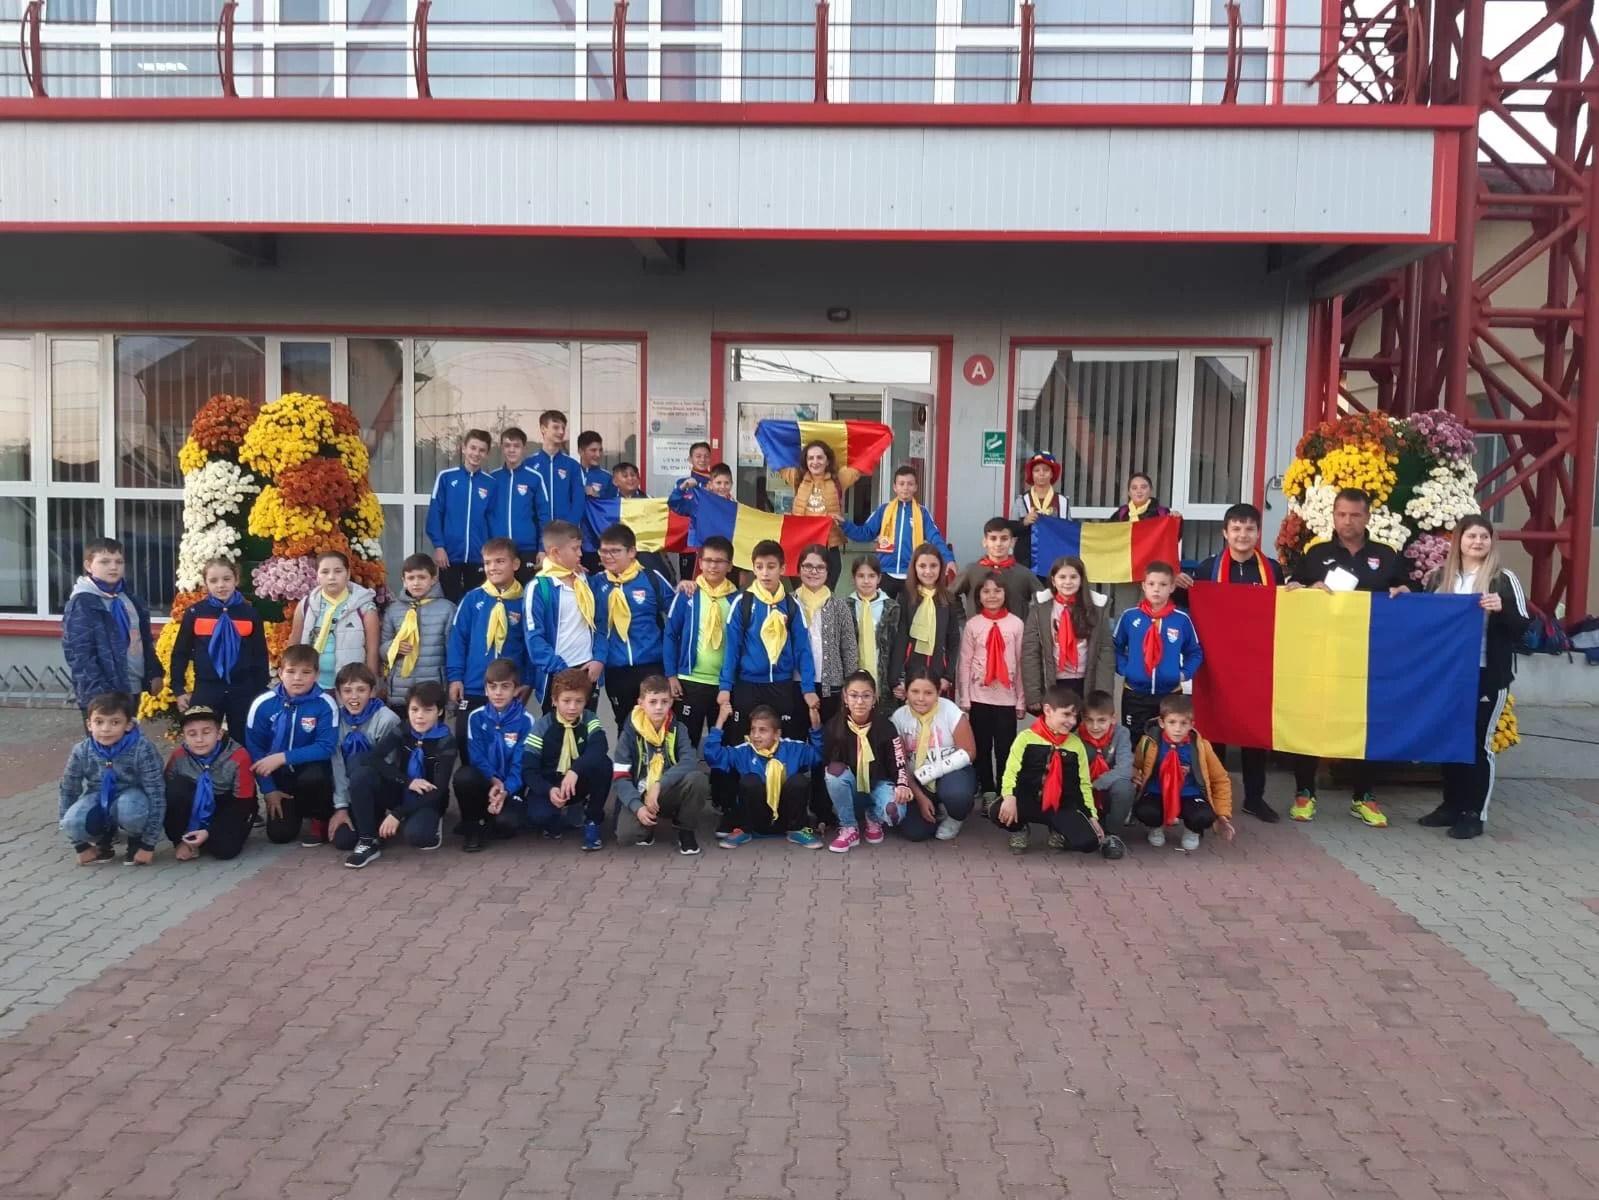 """Copiii fotbaliști din Blejoi, ca și alții din Ploiești și Prahova, sunt acum la """"Arena Națională"""". Puștii și însoțitorii lor profită de permisiunea UEFA de a fi prezenți la un meci ce trebuia disputat cu porțile închise!"""